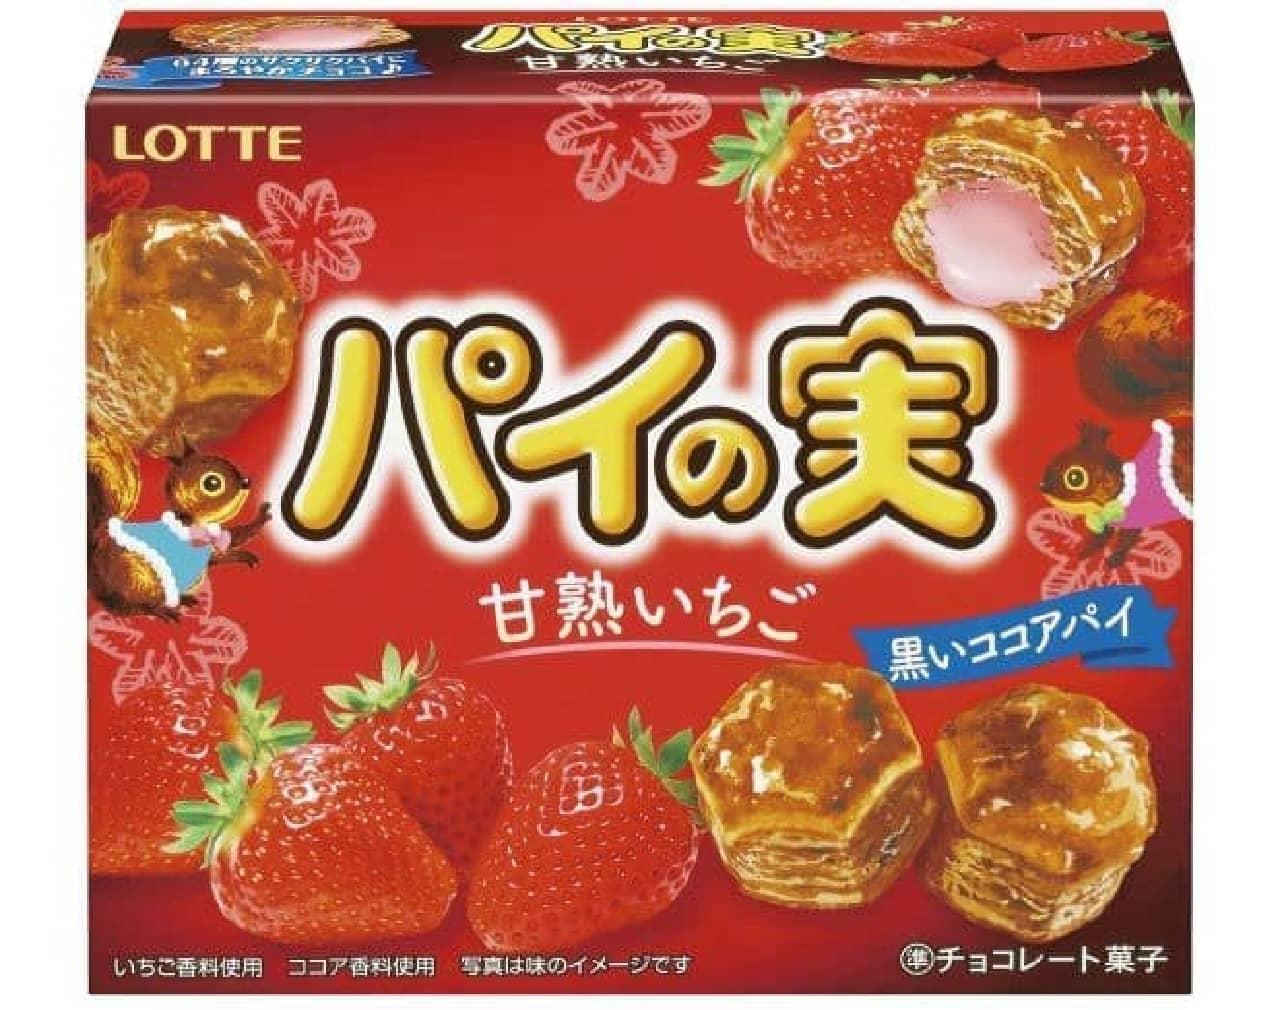 パイの実<甘熟いちご>は、64層のサクサクパイに甘熟苺のおいしさを味わえるチョコが詰められたパイの実